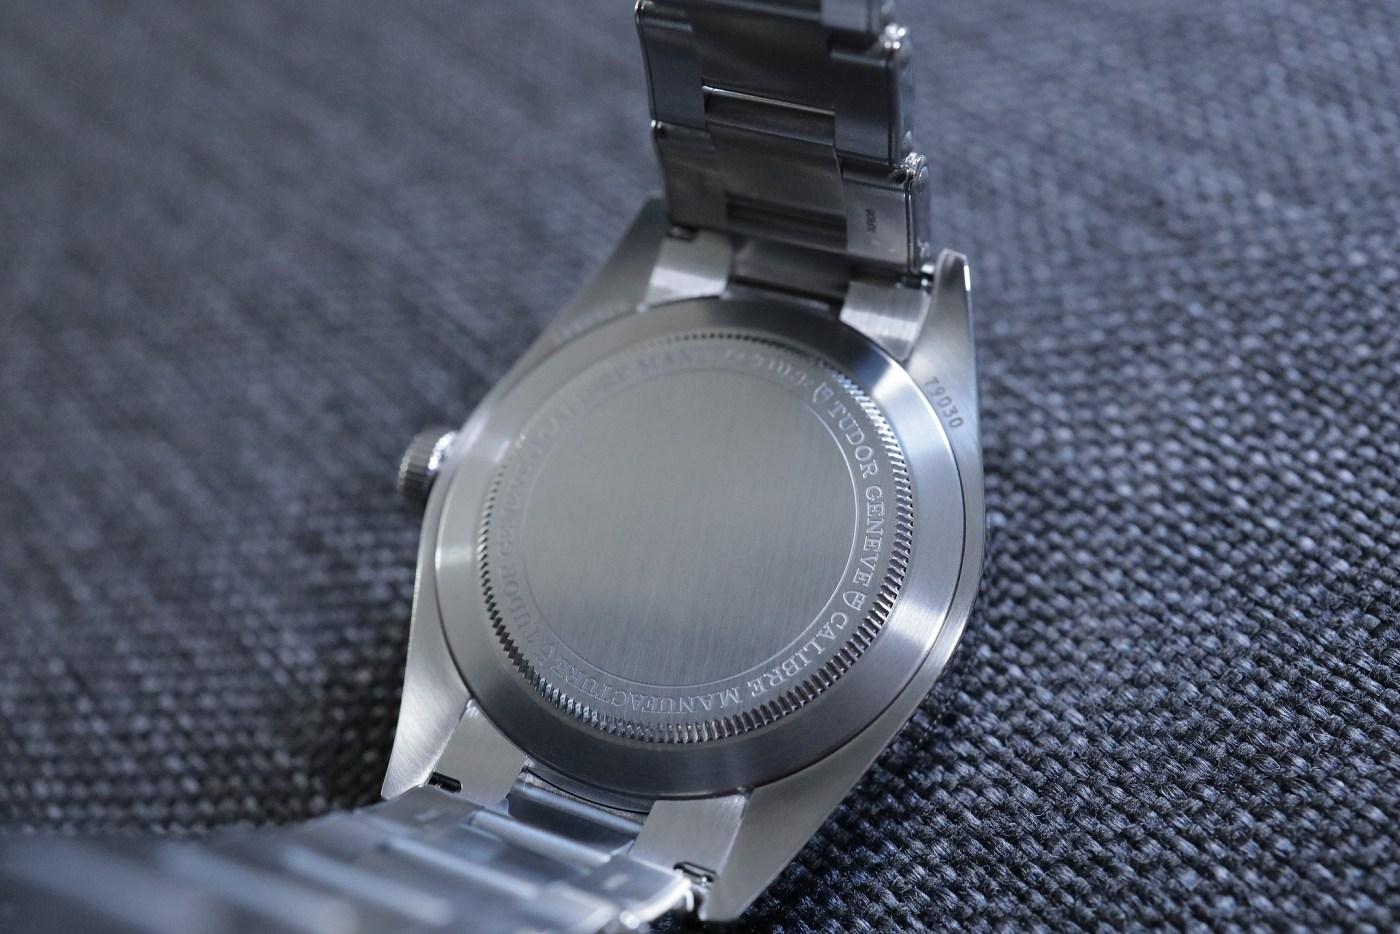 Tudor Black Bay 58 screw-in steel caseback